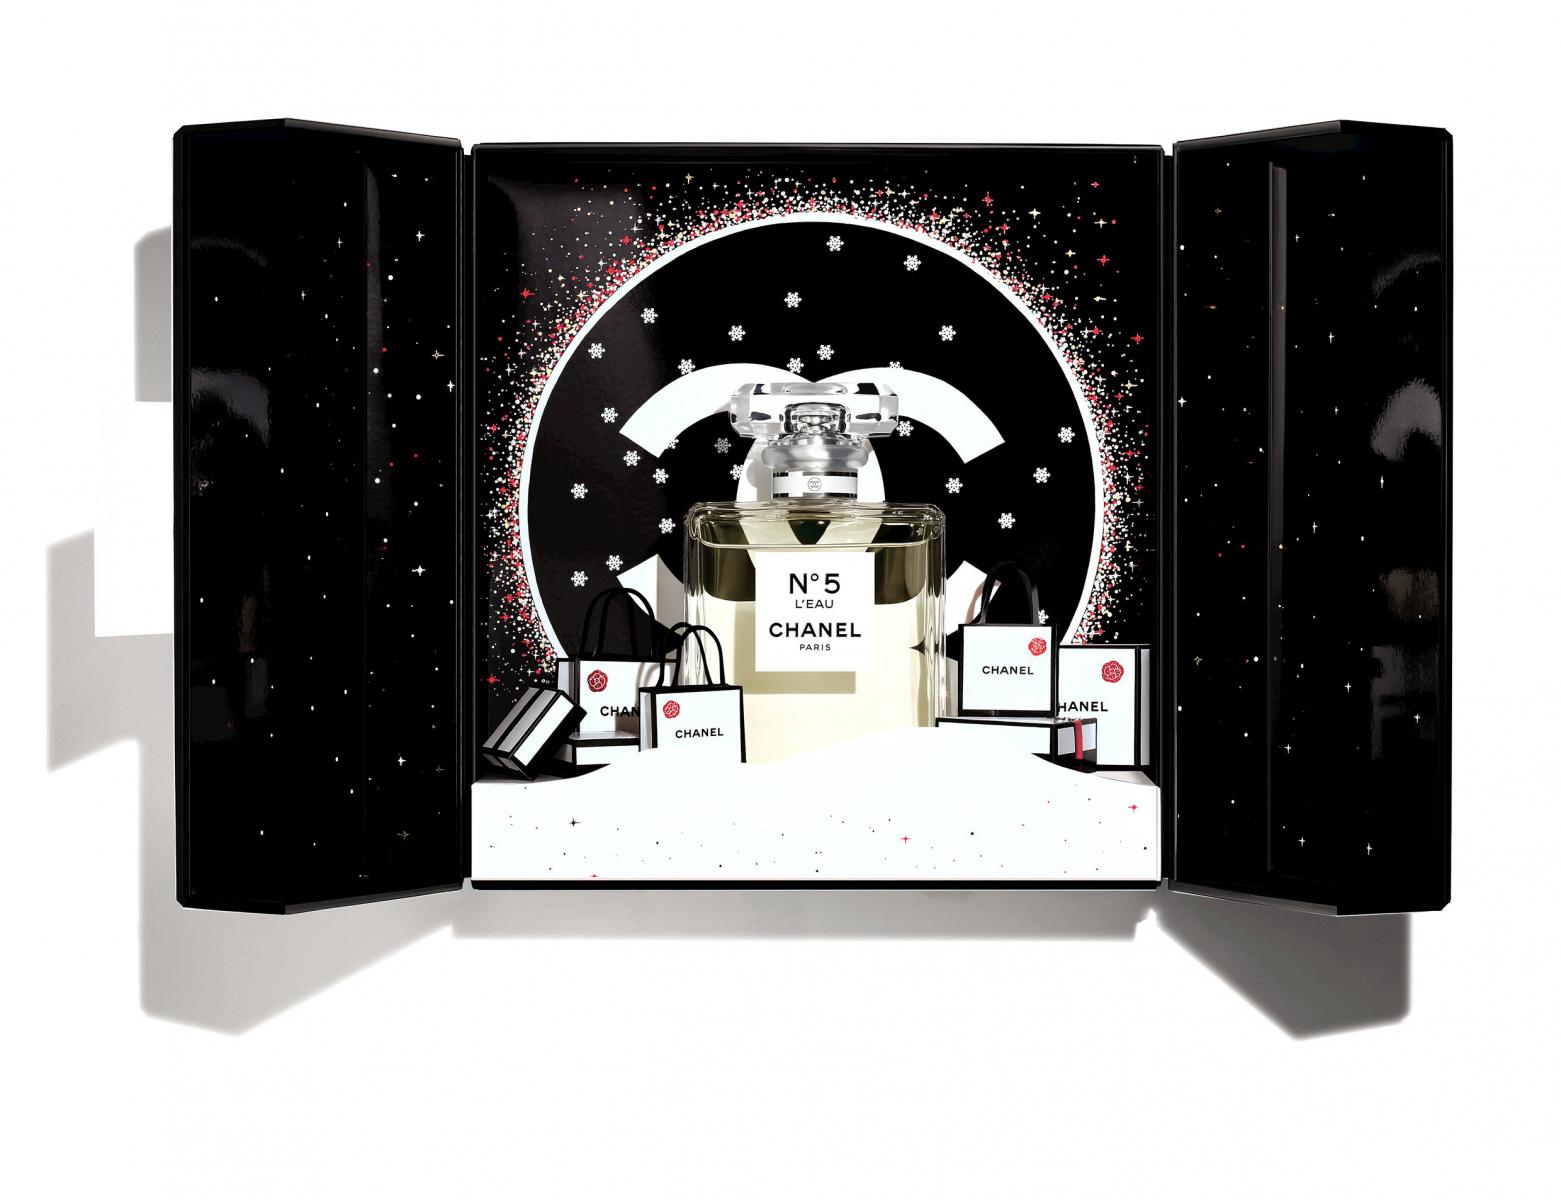 【2019クリスマスコフレ情報】アイコニックな香りにラグジュアリーな演出を。CHANEL(シャネル)のスペシャルコレクション